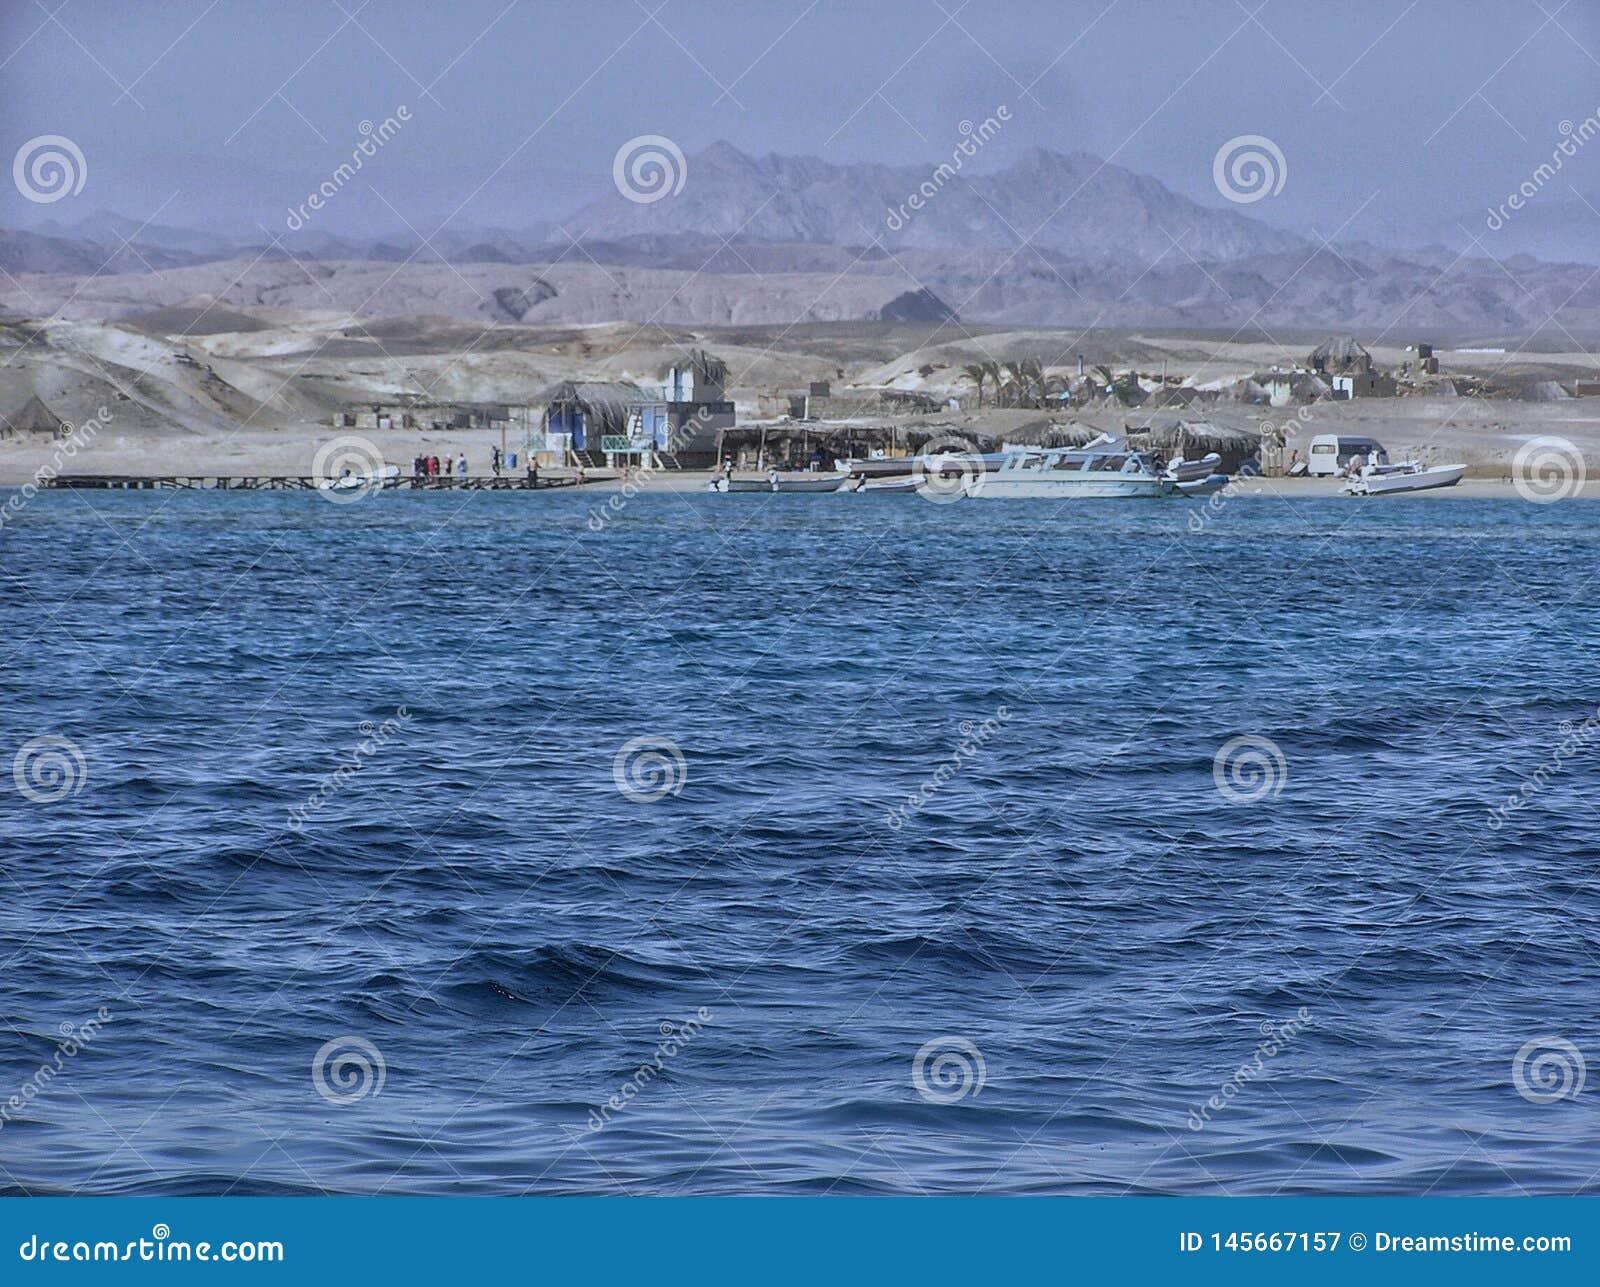 Ένα λιμάνι των σκαφών έδεσε εν πλω εκτός από ένα ορεινό χωριό